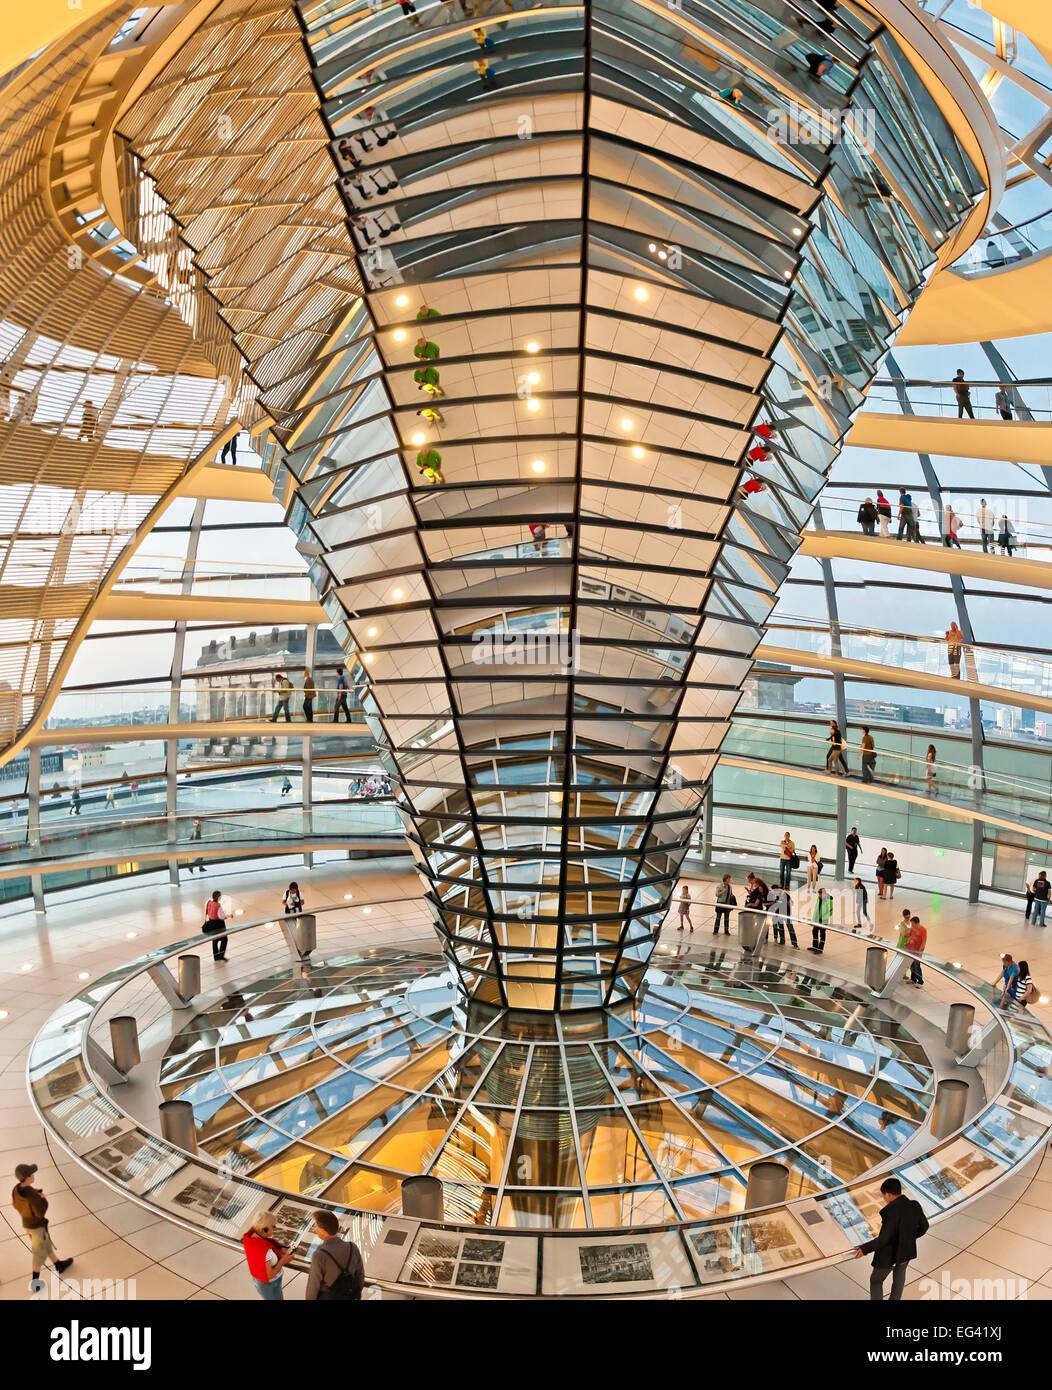 BERLIN, Deutschland - 8. Juni 2013: Menschen besuchen die Reichstagskuppel in Berlin, Deutschland. Es ist eine gläserne Stockbild